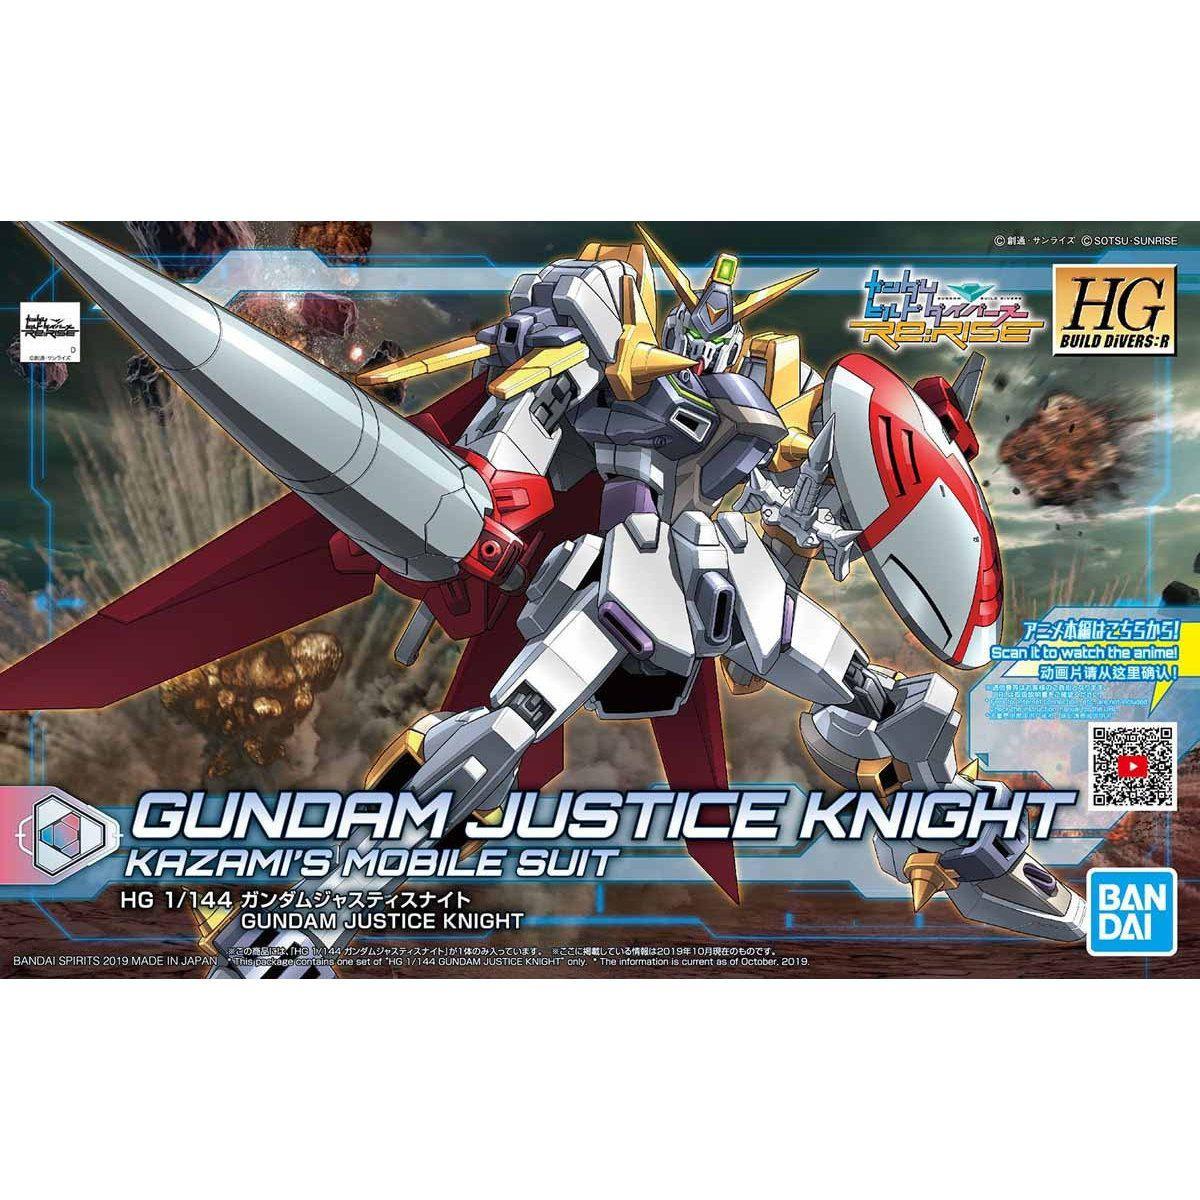 JUSTICE KNIGHT GUNDAM HG 1/144 Bandai